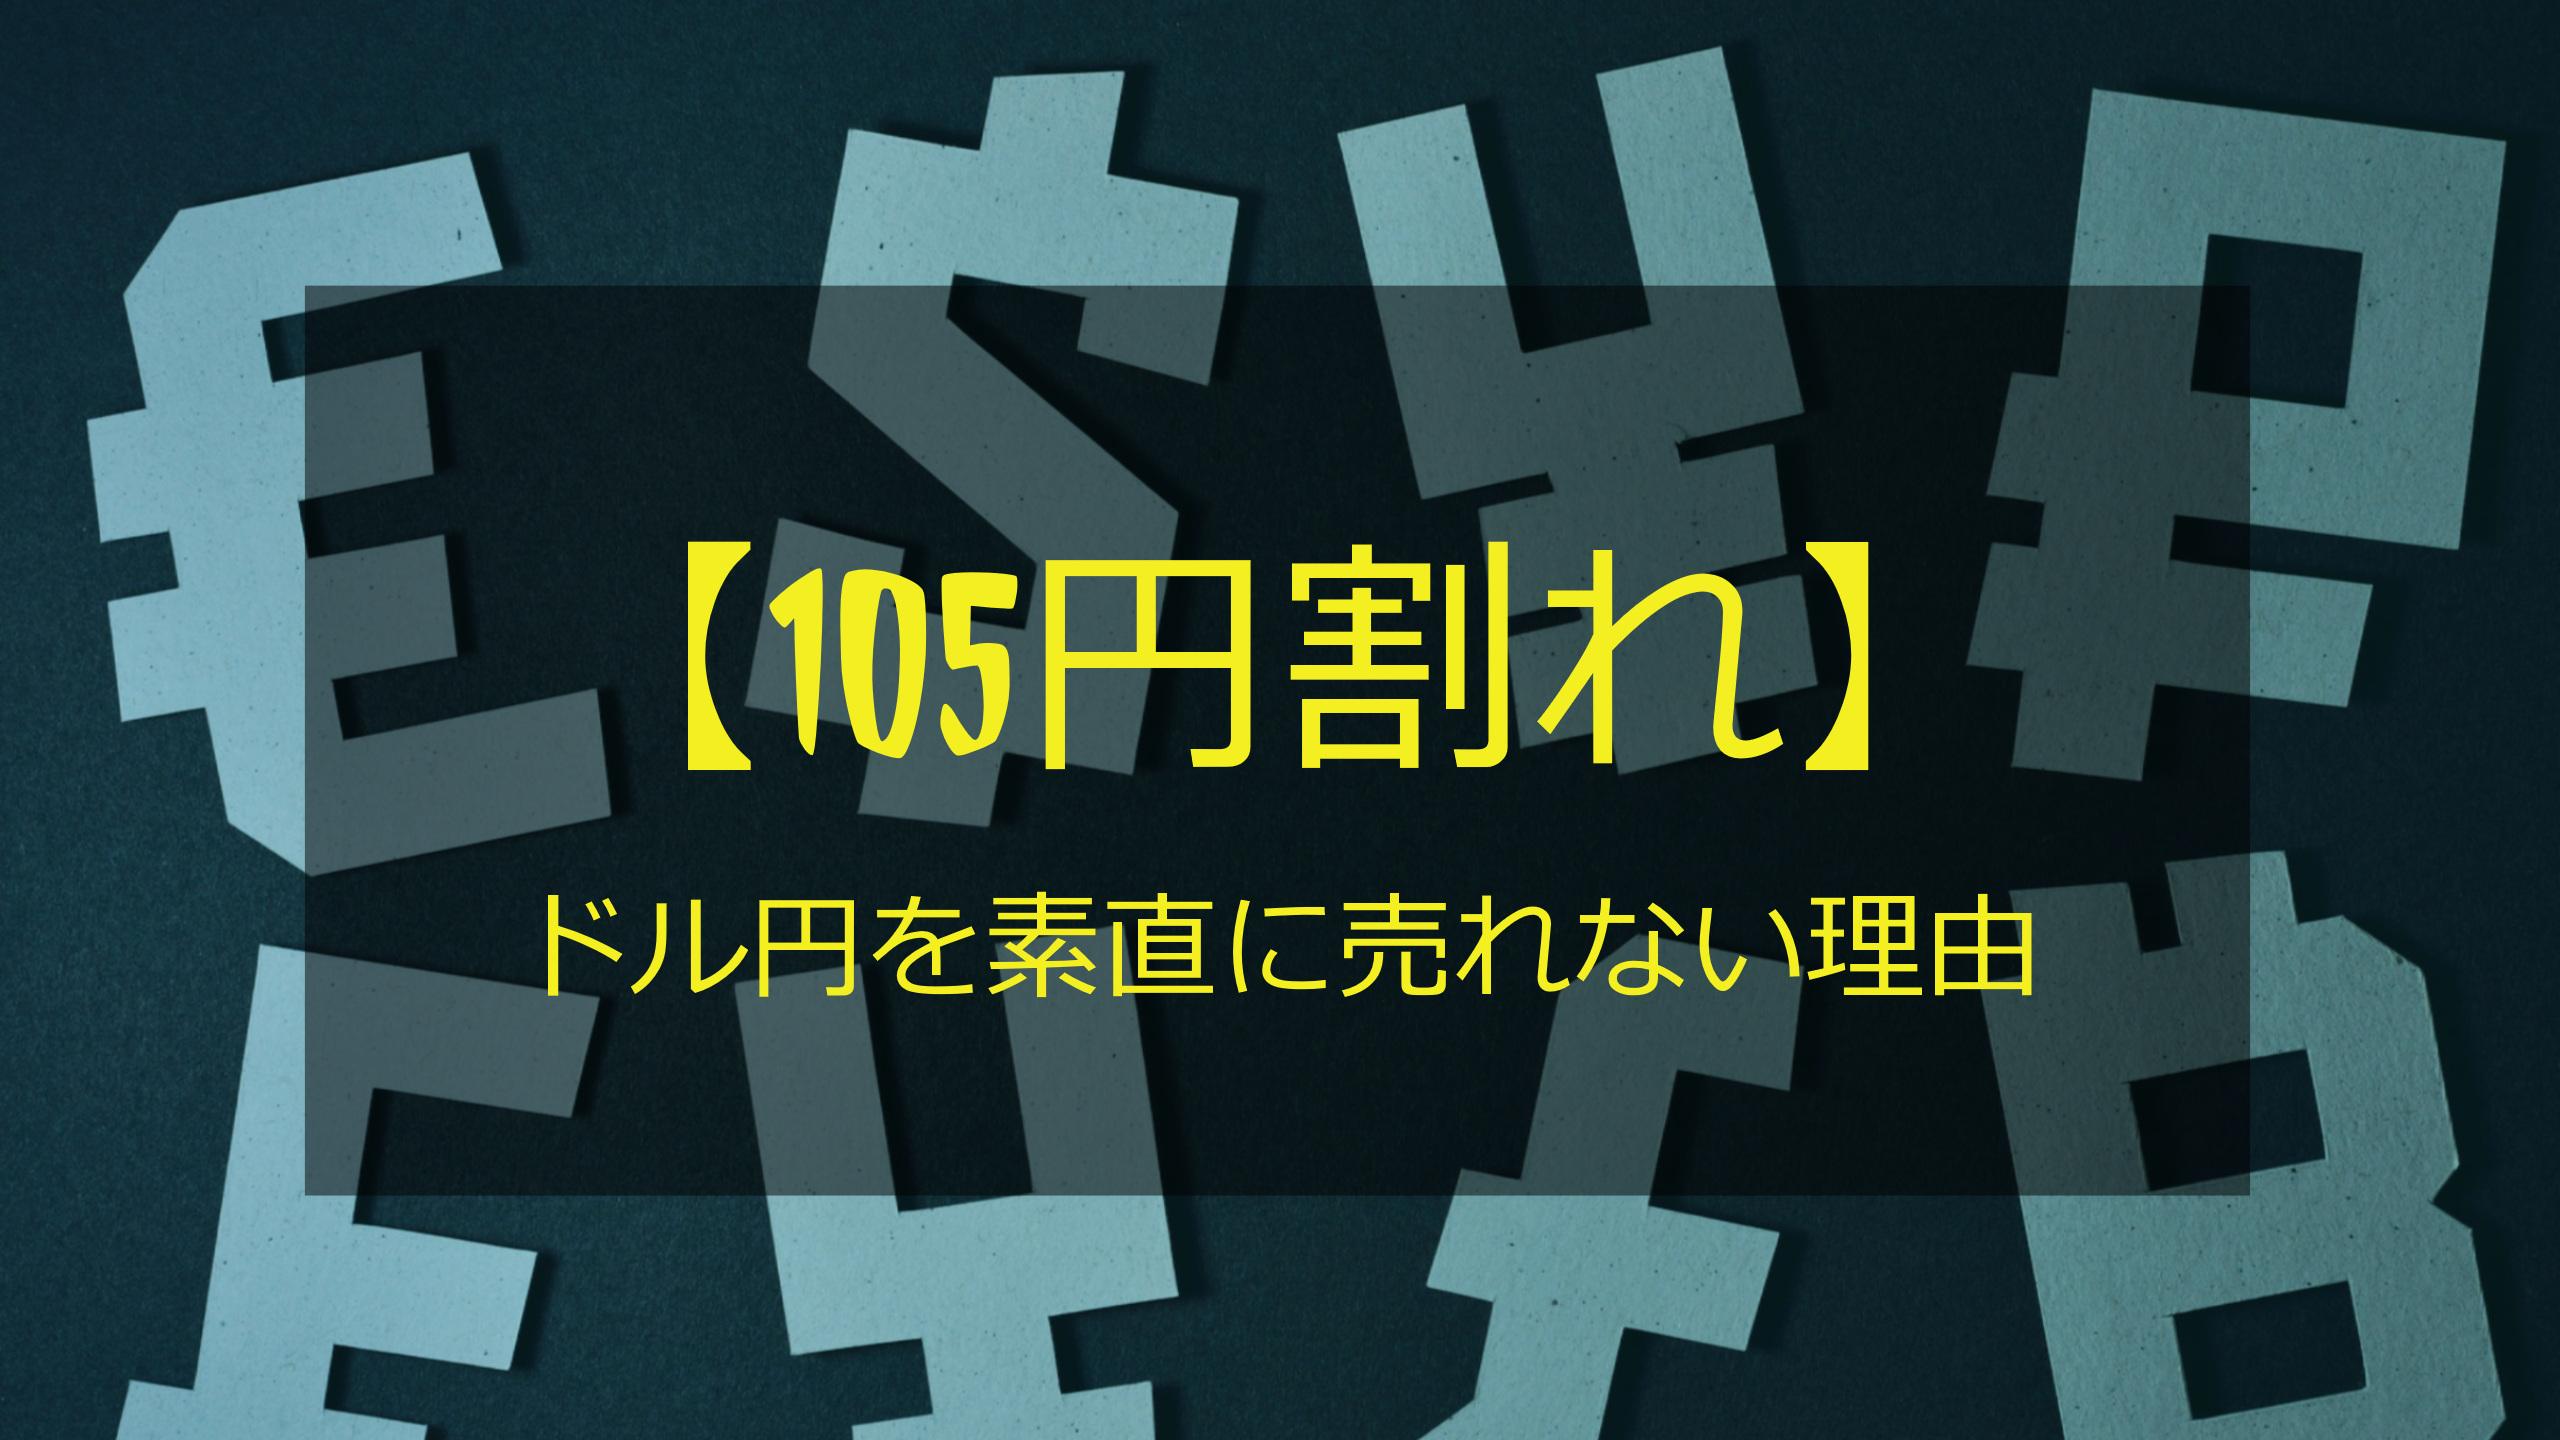 【105円割れ】ドル円を素直に売れない理由